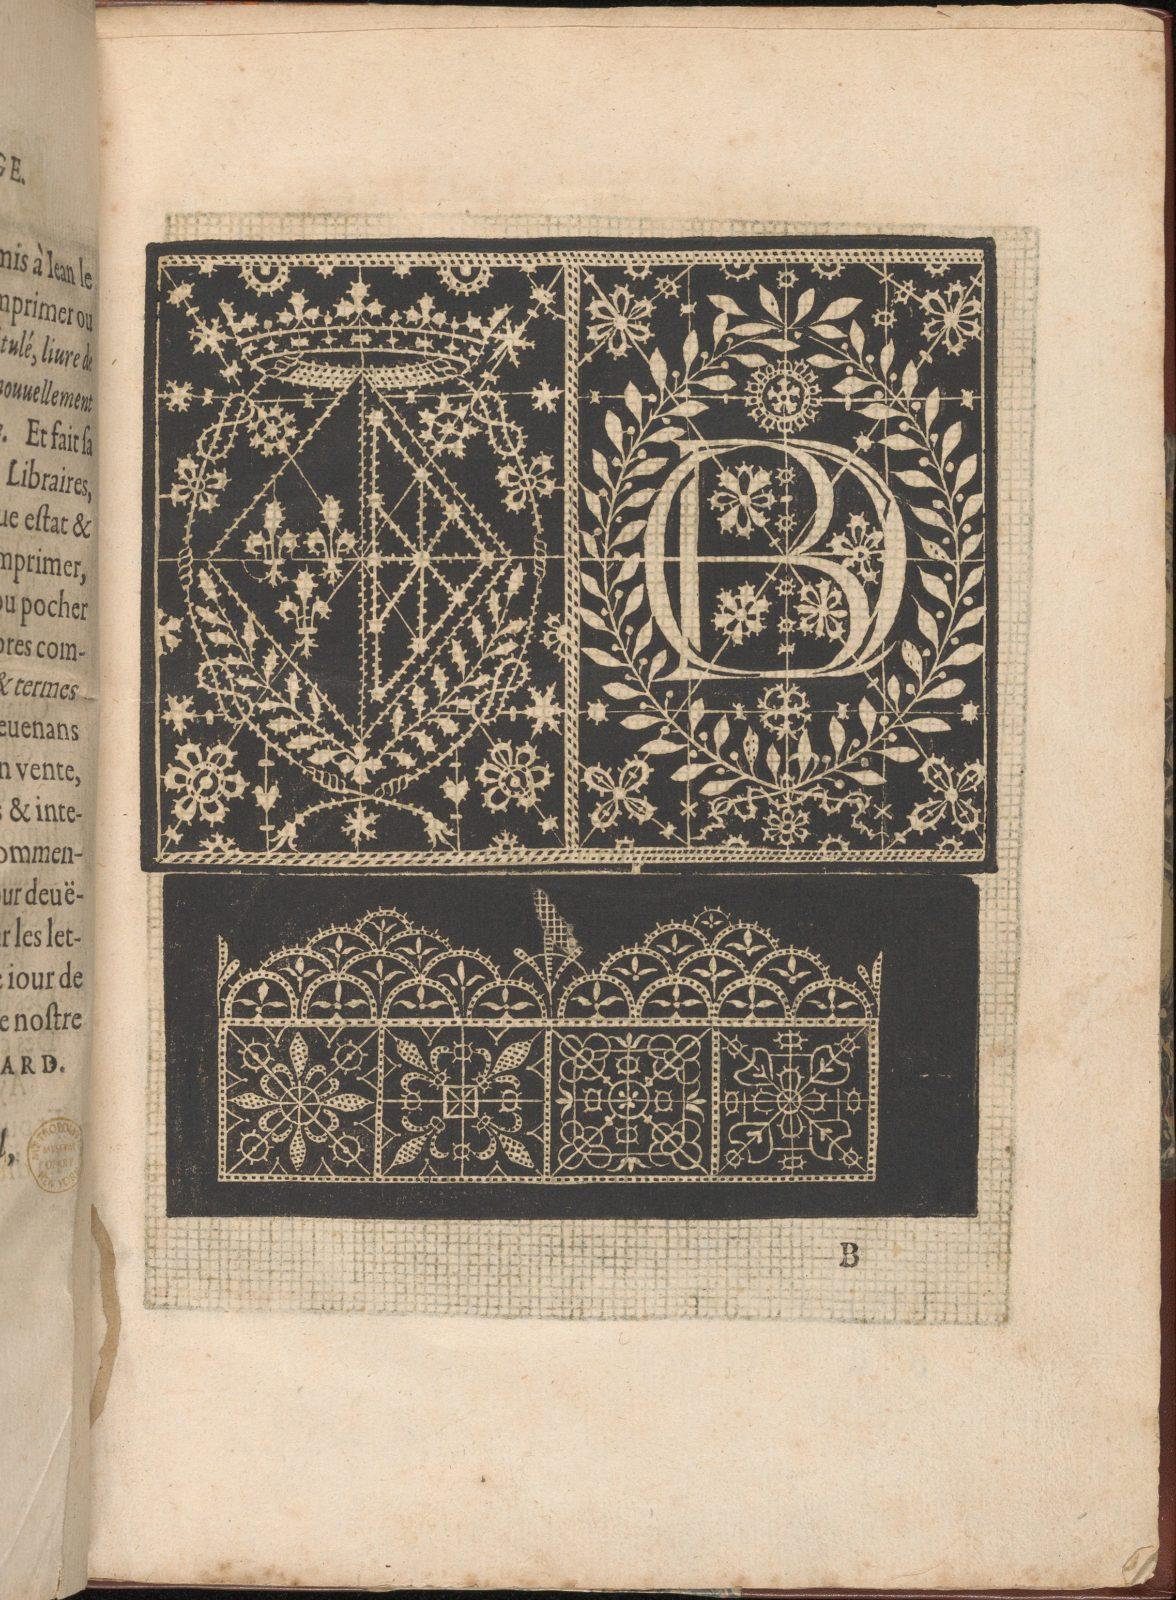 Les Secondes Oeuvres, et Subtiles Inventions De Lingerie du Seigneur Federic de Vinciolo Venitien, page 5 (recto)